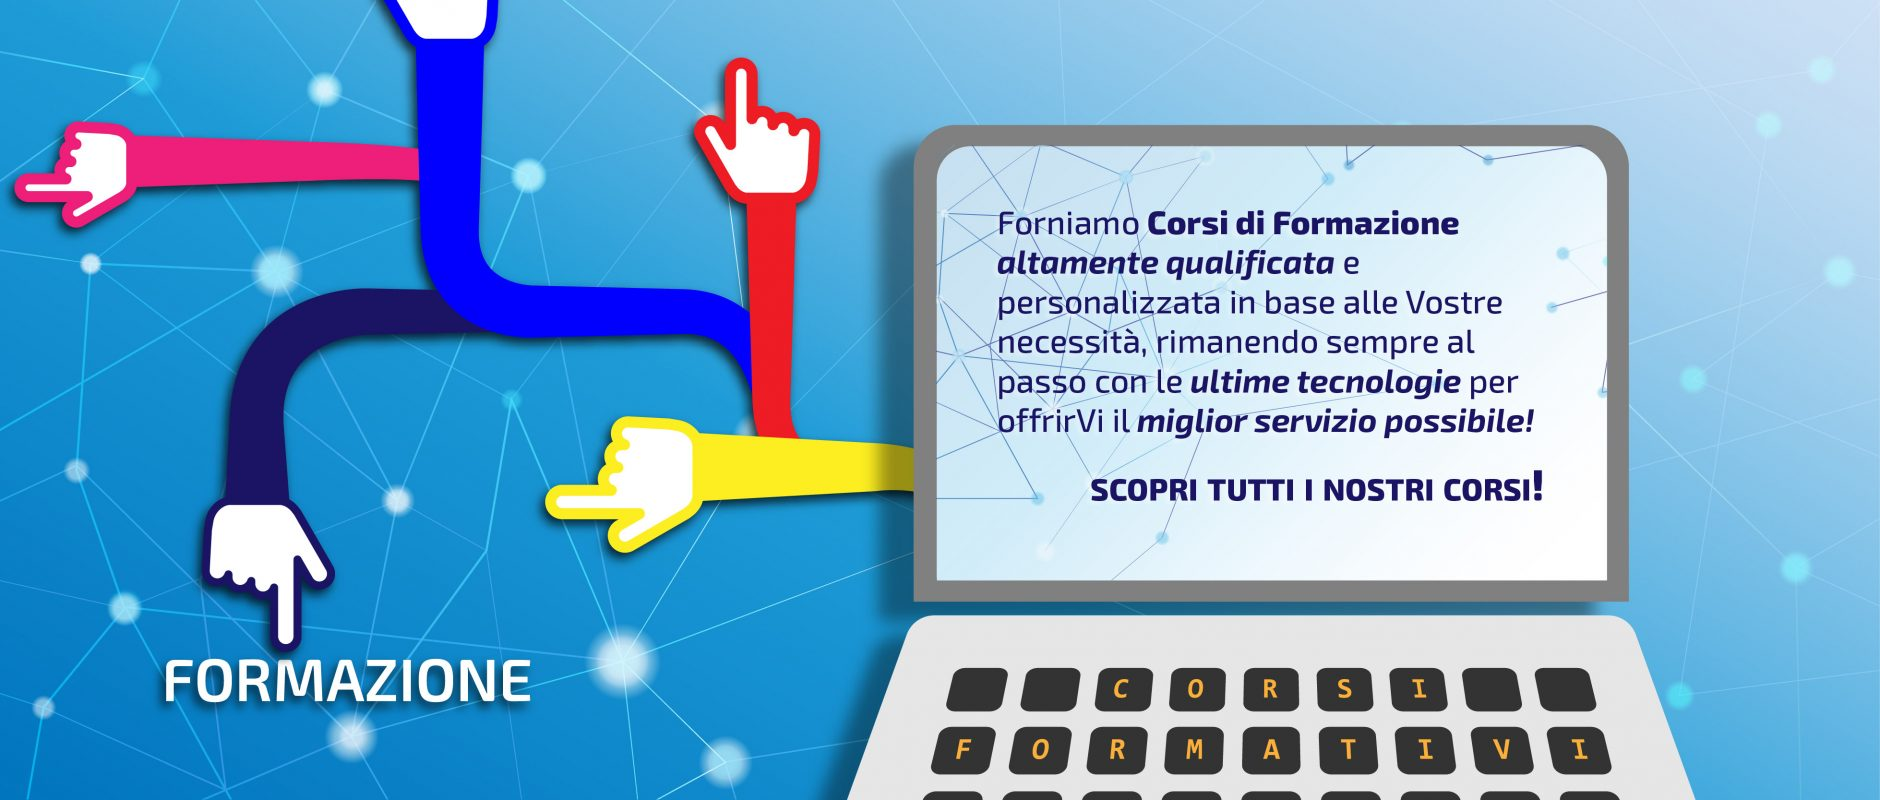 CORSI DI FORMAZIONE by TC-WEB